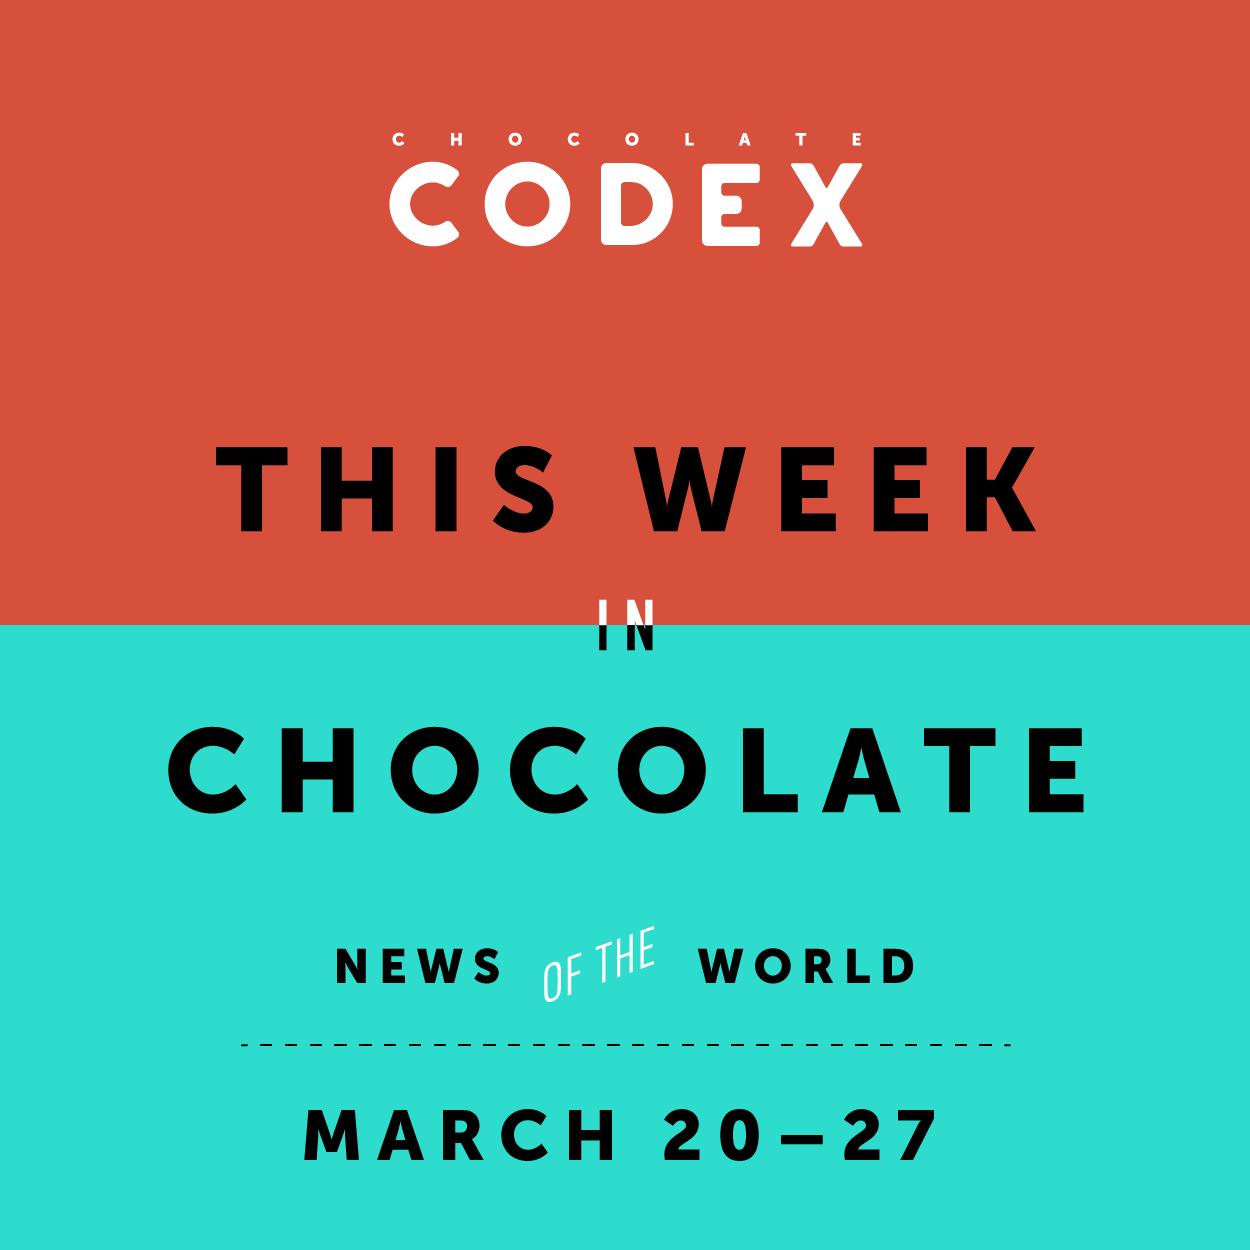 ChocolateCodex_ThisWeek_Chocolate_News_2016_13